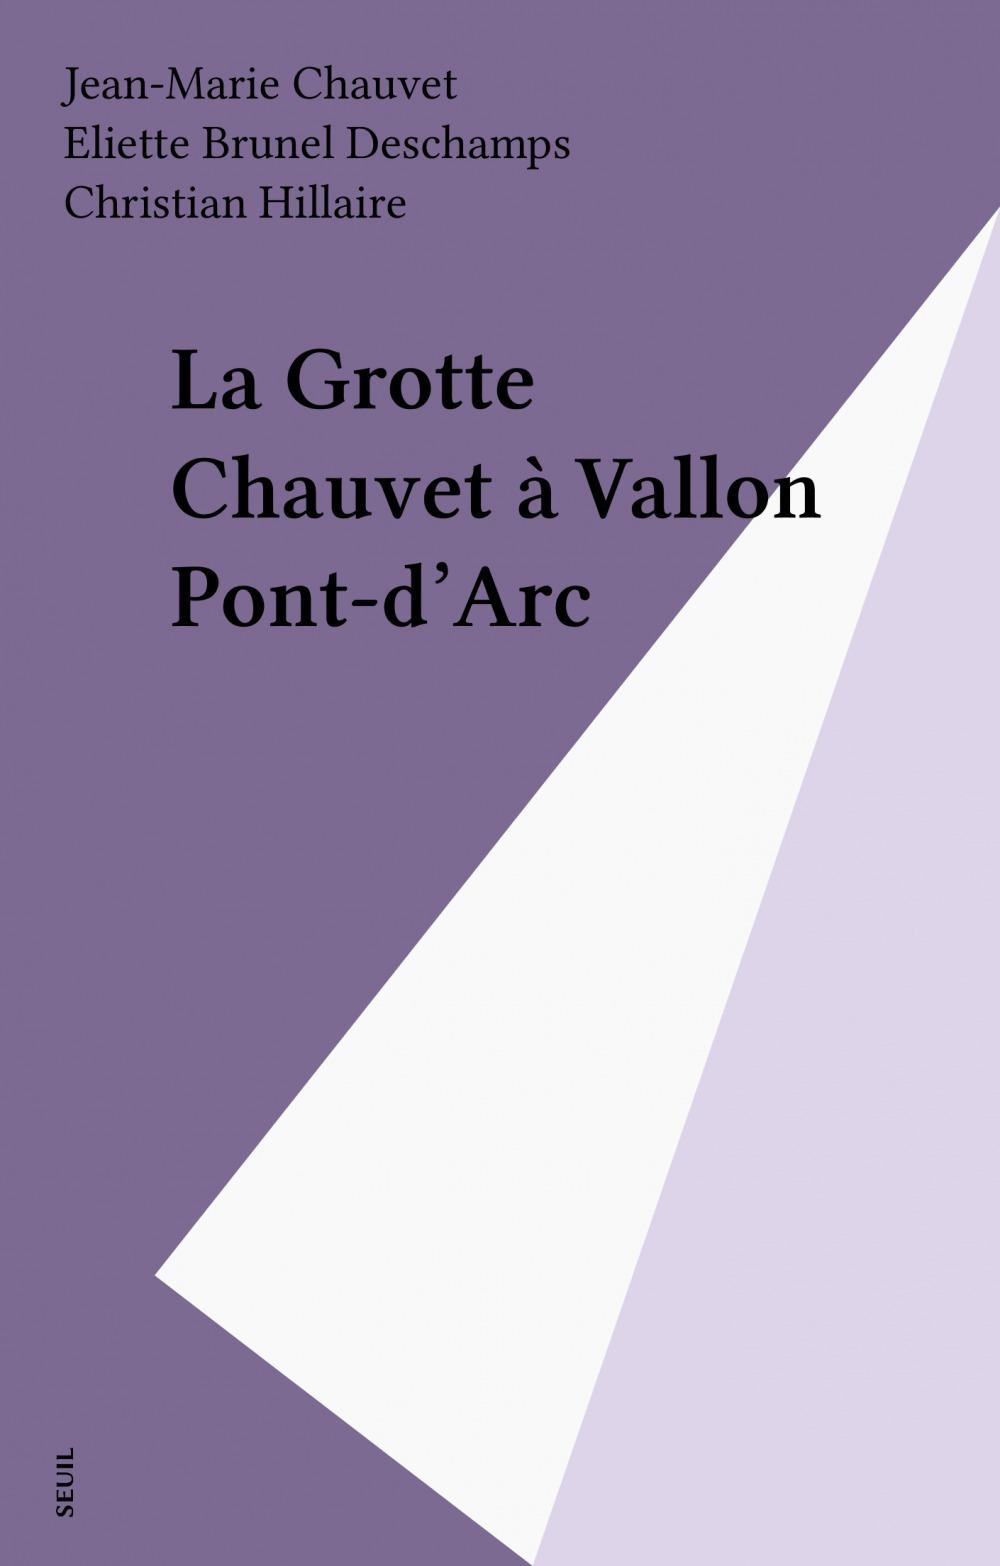 Grotte chauvet. a vallon pont-d'arc (la)